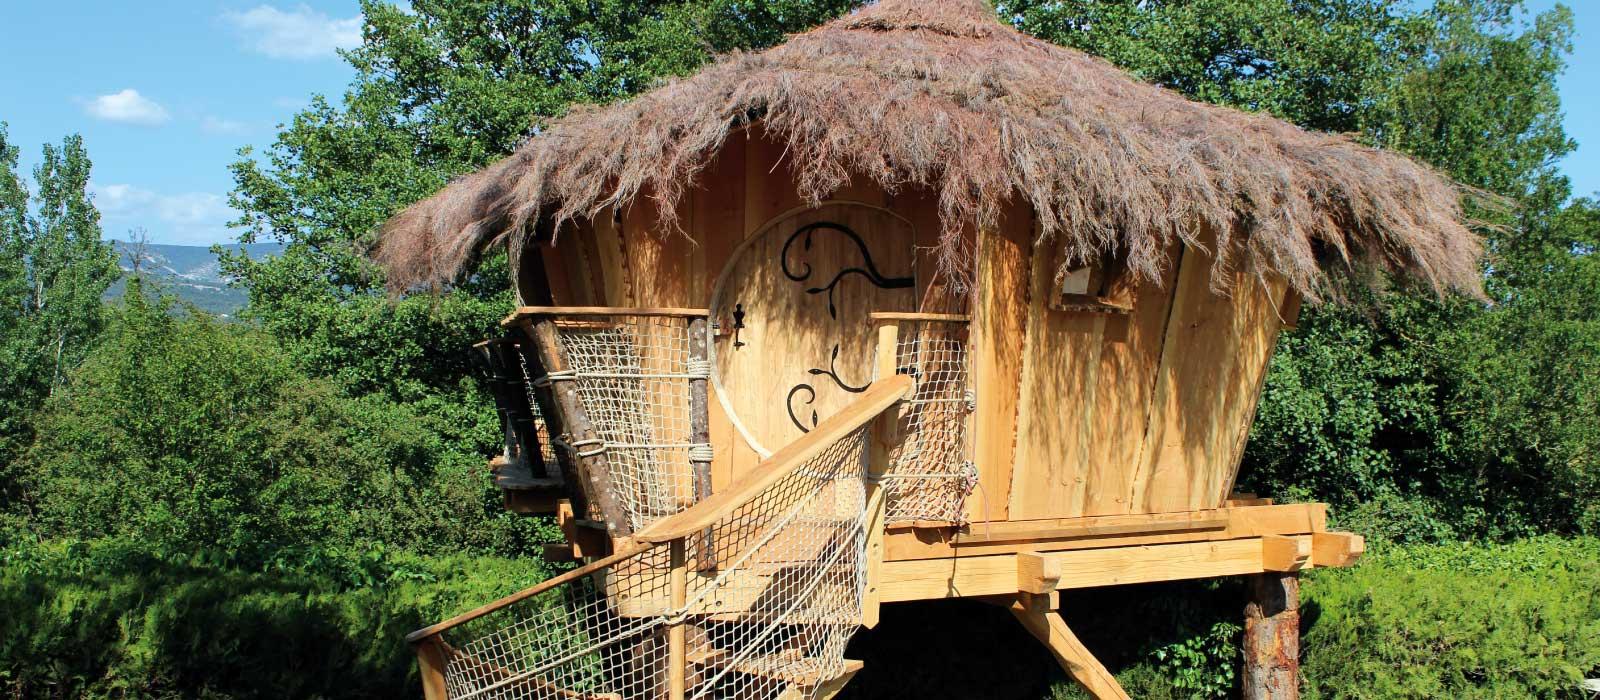 Un hébergement insolite (cabane perchée) dans le camping La Sorguette à L'Isle sur la Sorgue